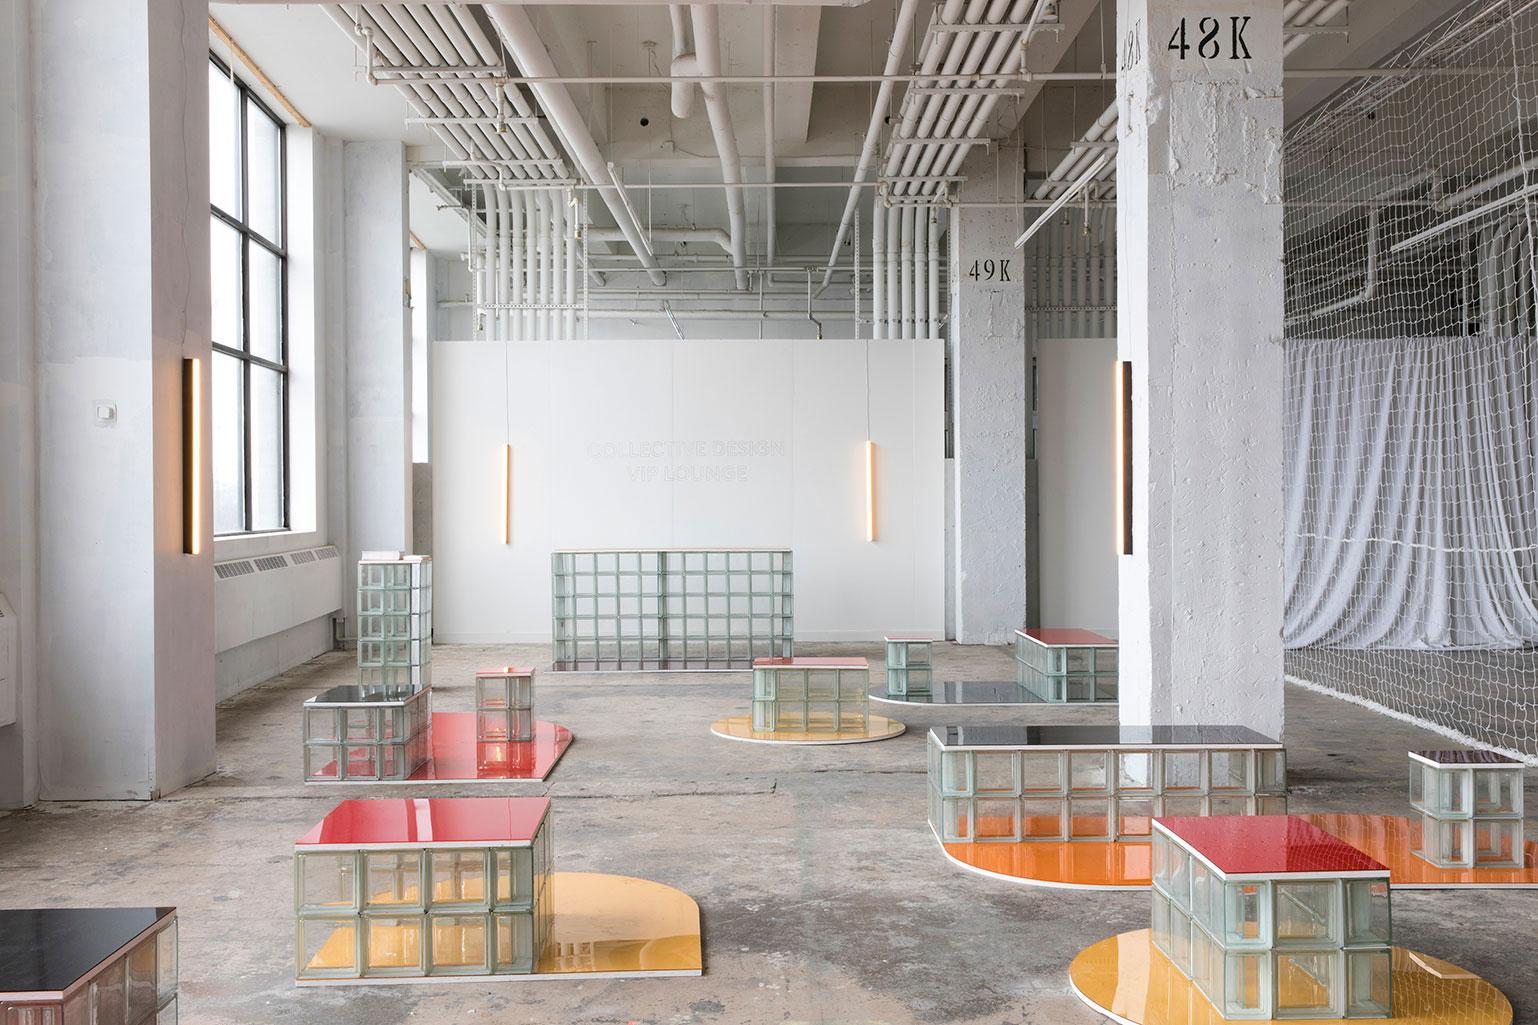 Intervista al duo di designer e architetti di OBJECT OF COMMON INTEREST | Collater.al 12